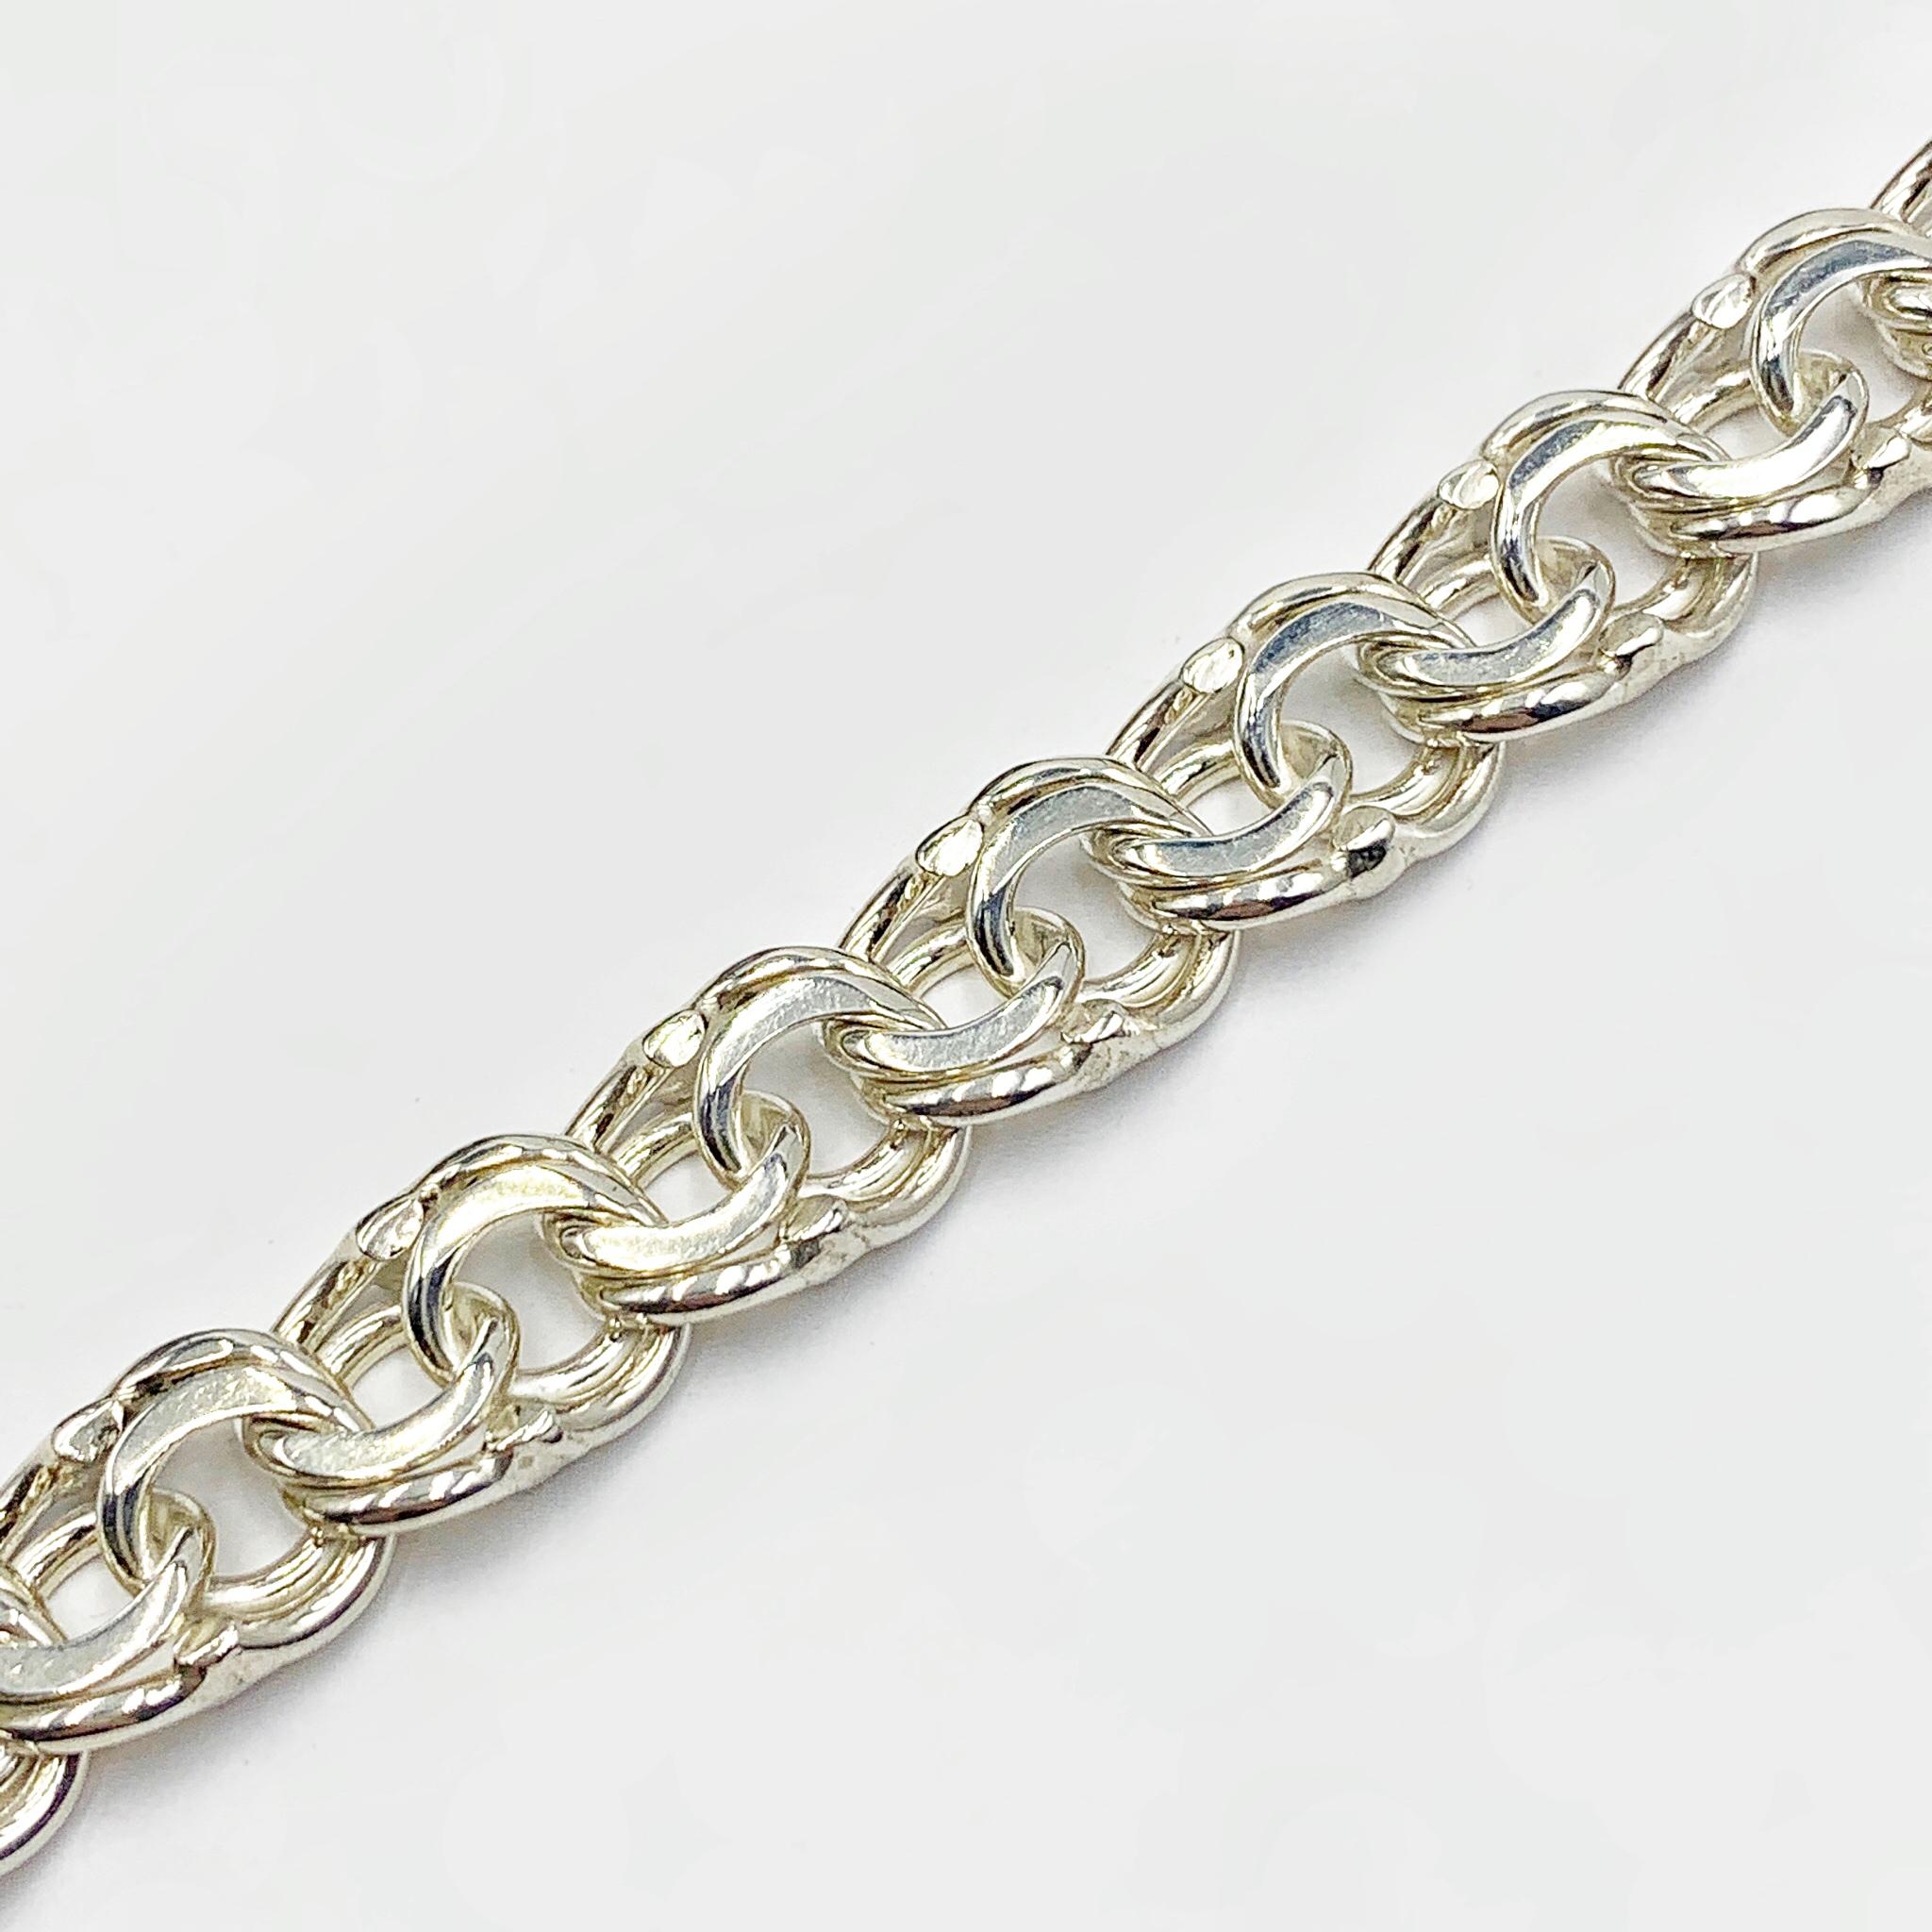 Срібний ланцюжок бісмарк